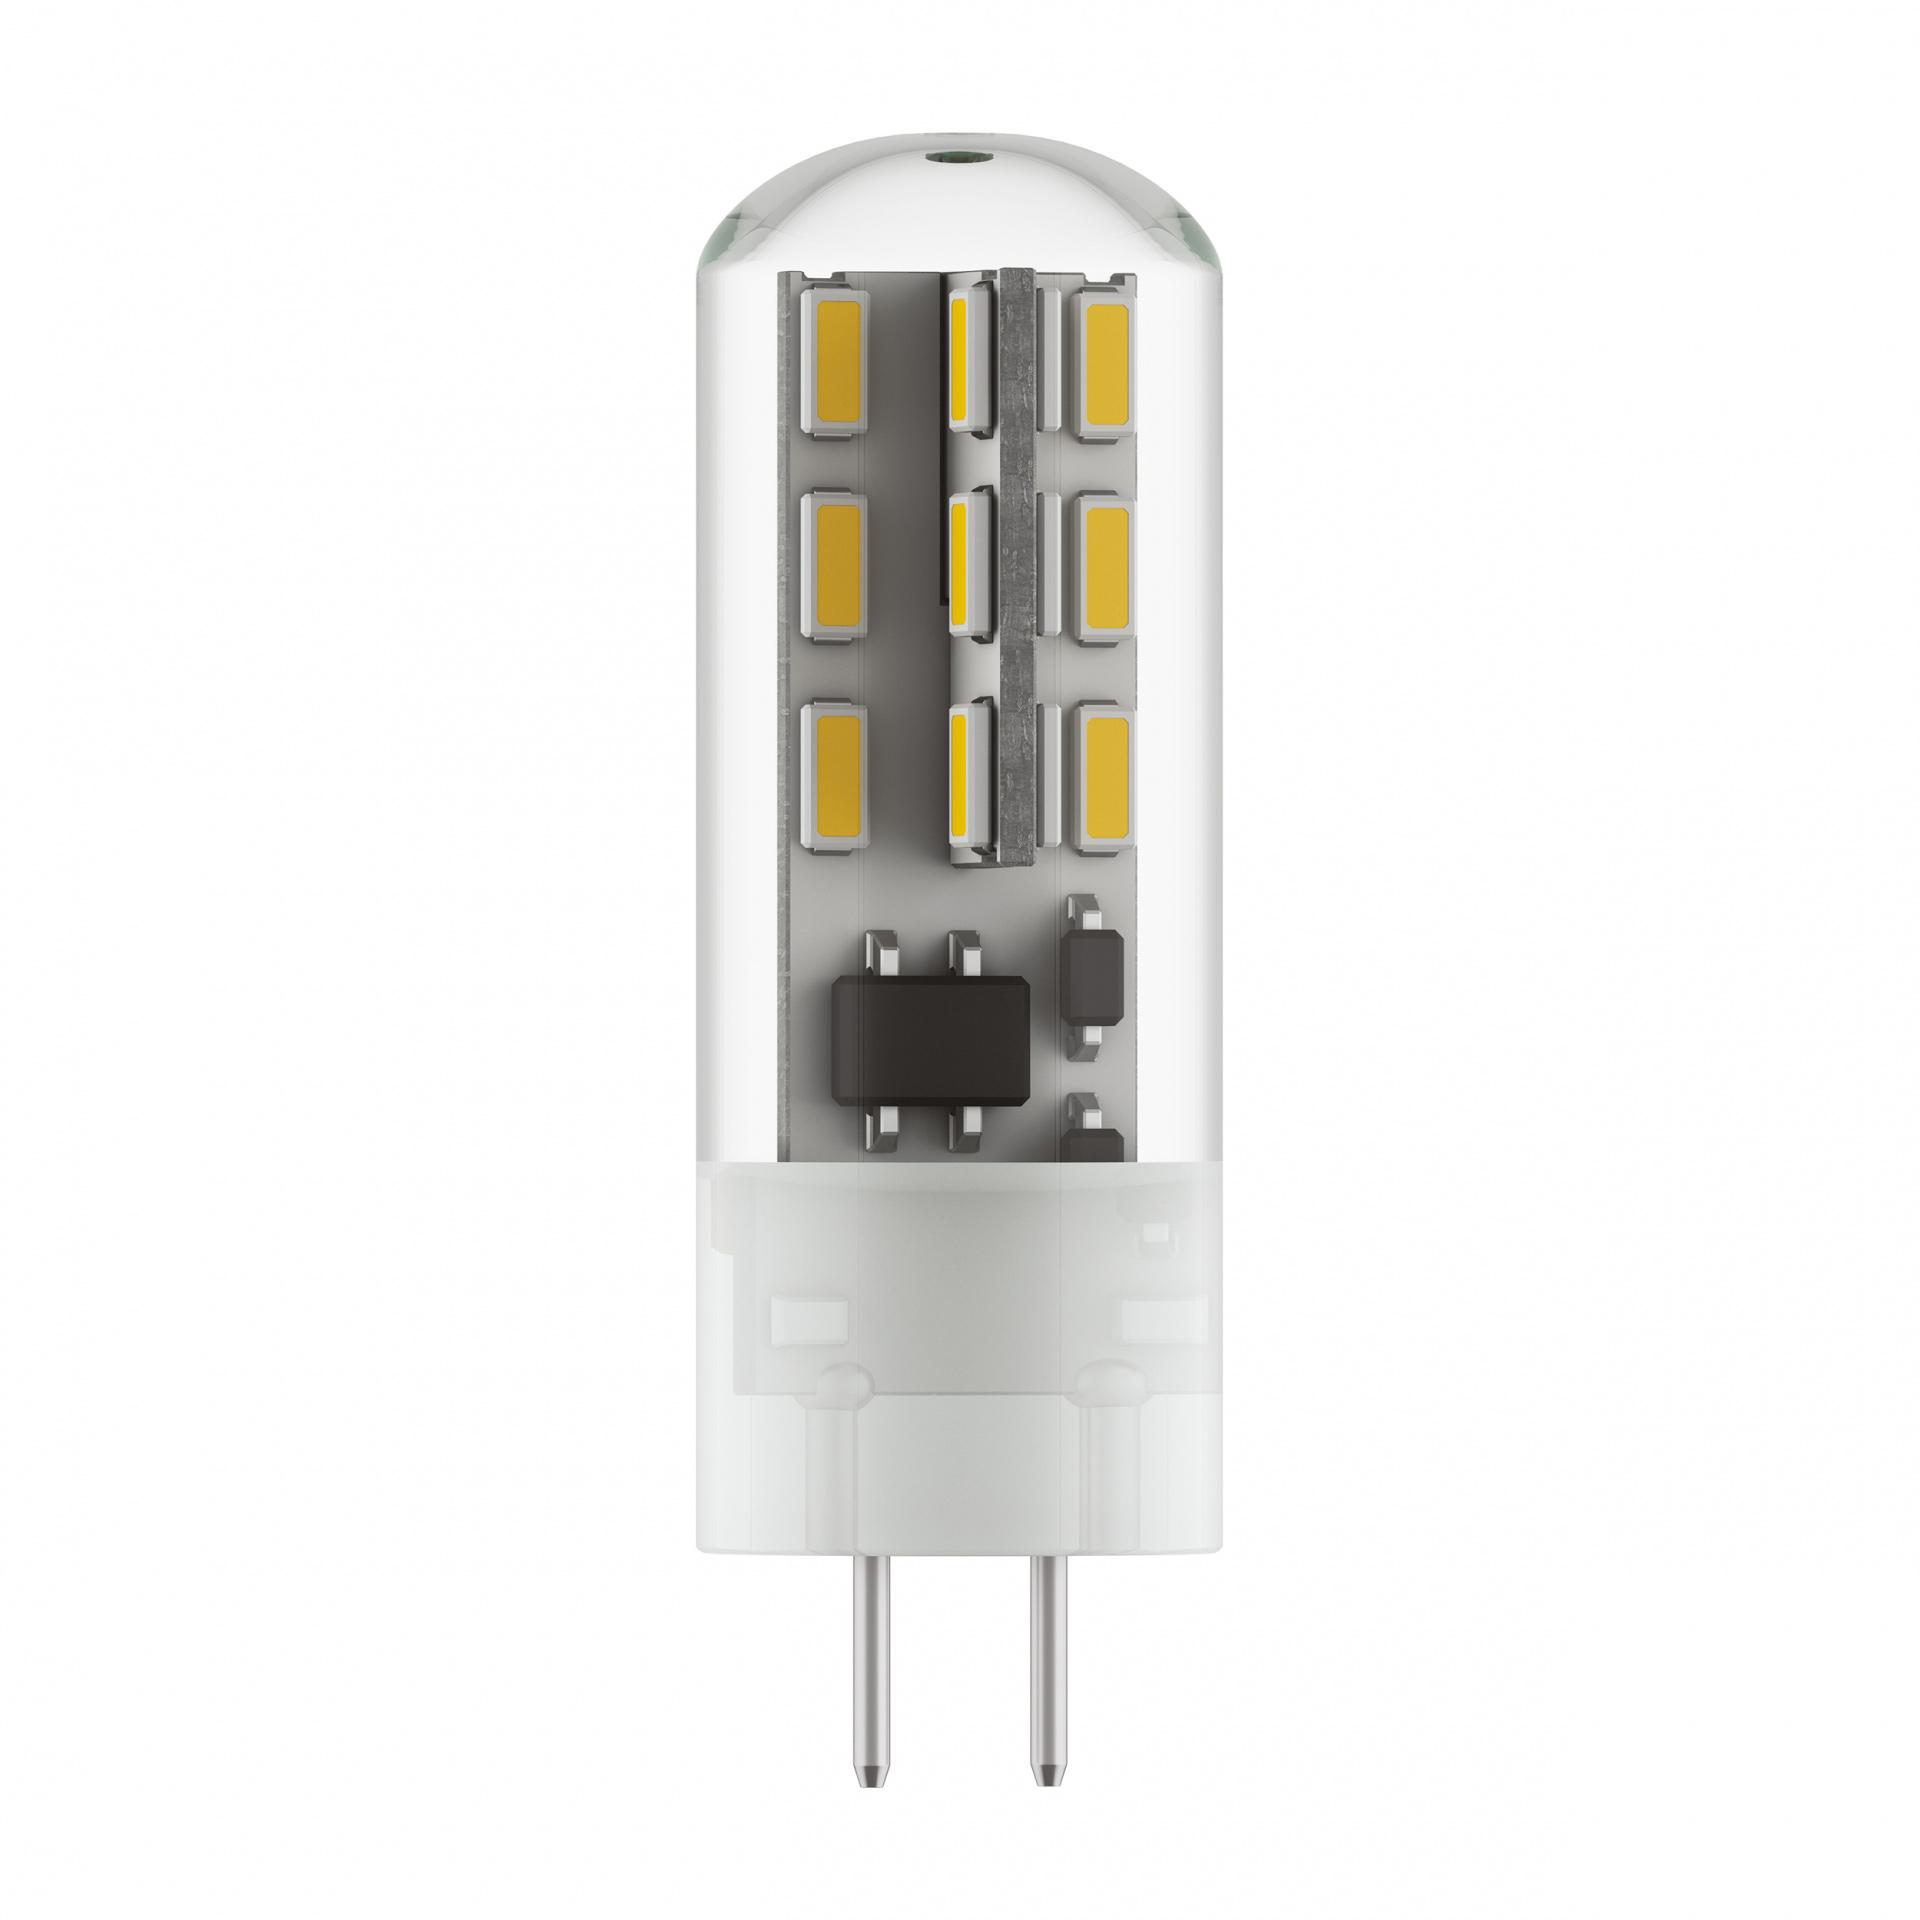 Лампа LED 220V JC G4 1.5W=15W 80LM 360G 4000K 20000H Lightstar 932704, купить в СПб, Москве, с доставкой, Санкт-Петербург, интернет-магазин люстр и светильников Starlight, фото в жизни